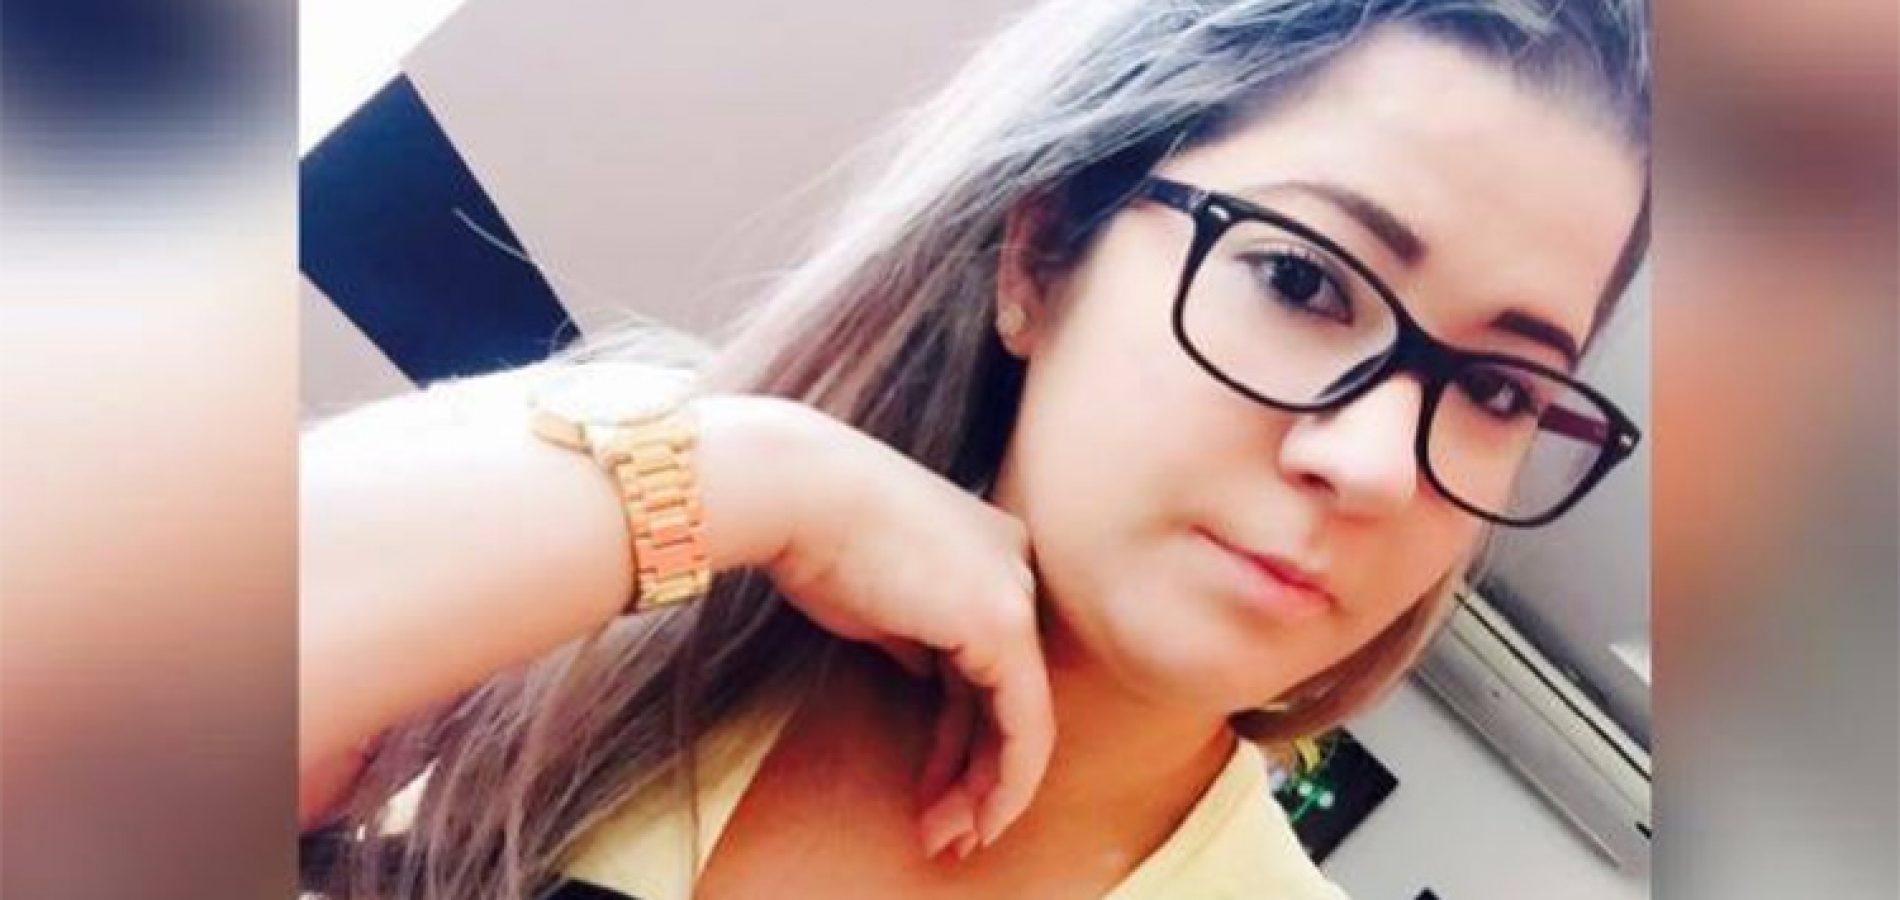 Piauiense fica ferida em assalto a ônibus que terminou com 3 mortes em SP